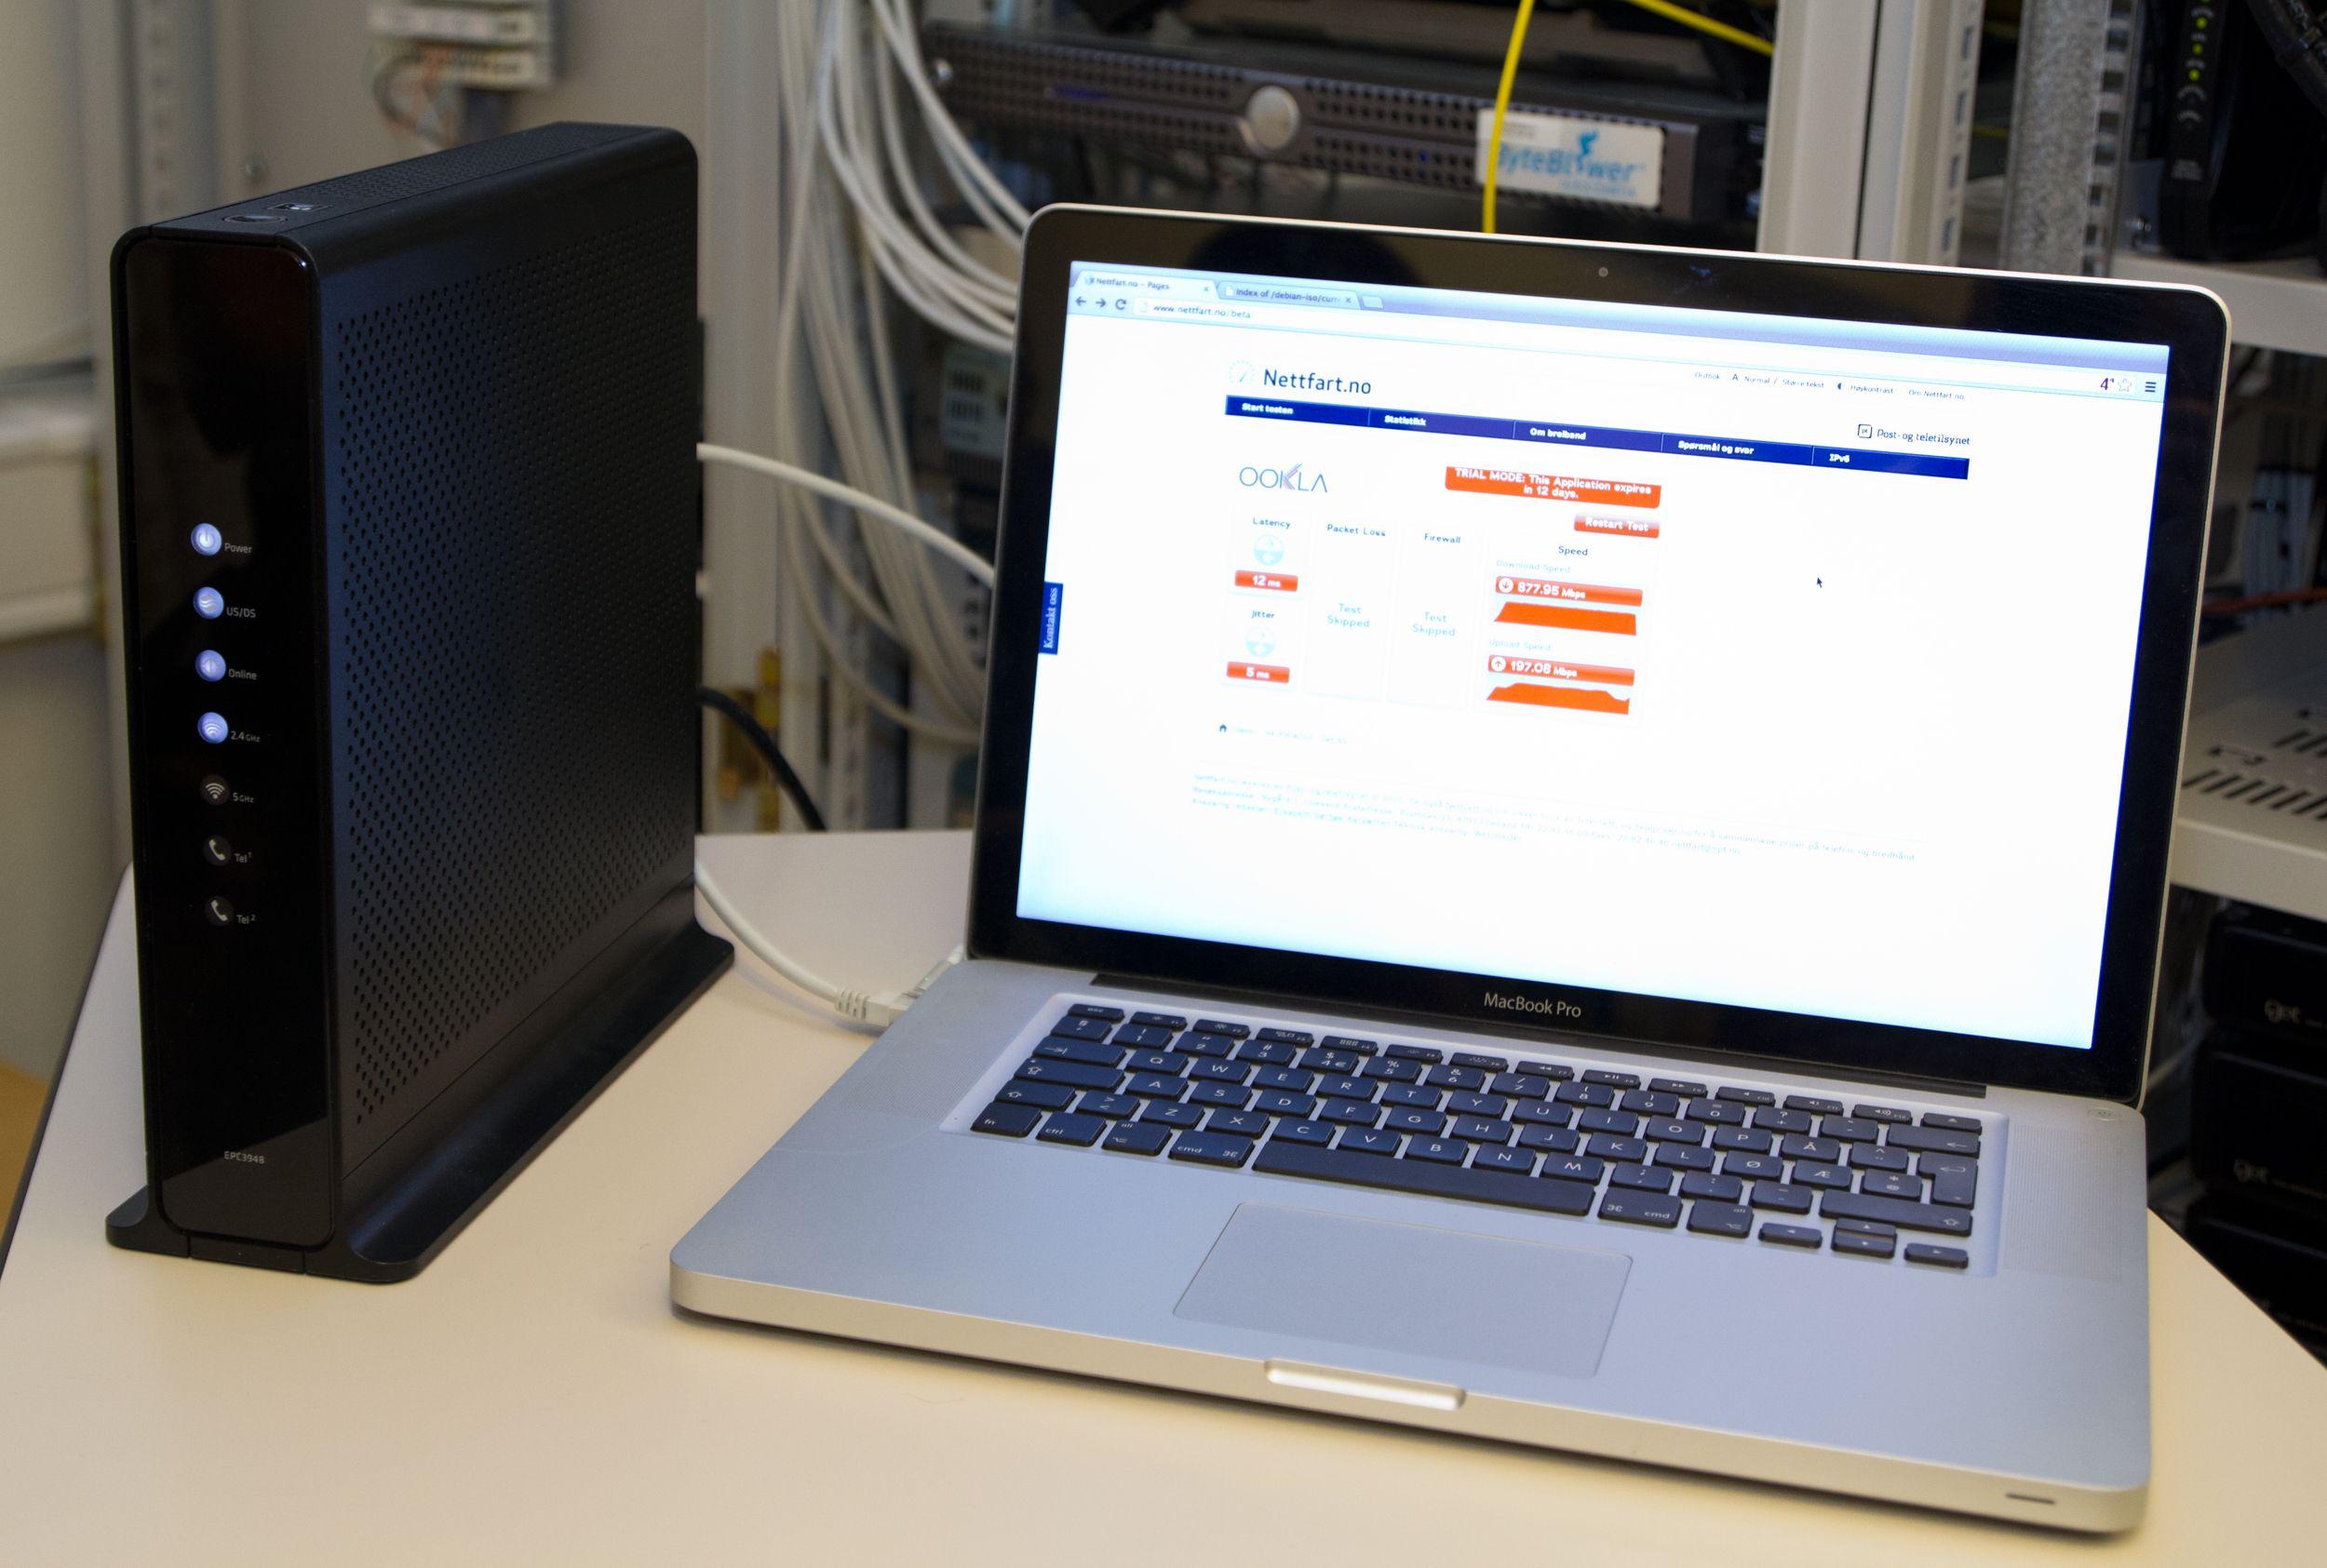 Ytelsen, målt mot Nettfart.no.Foto: Rolf B. Wegner, Hardware.no